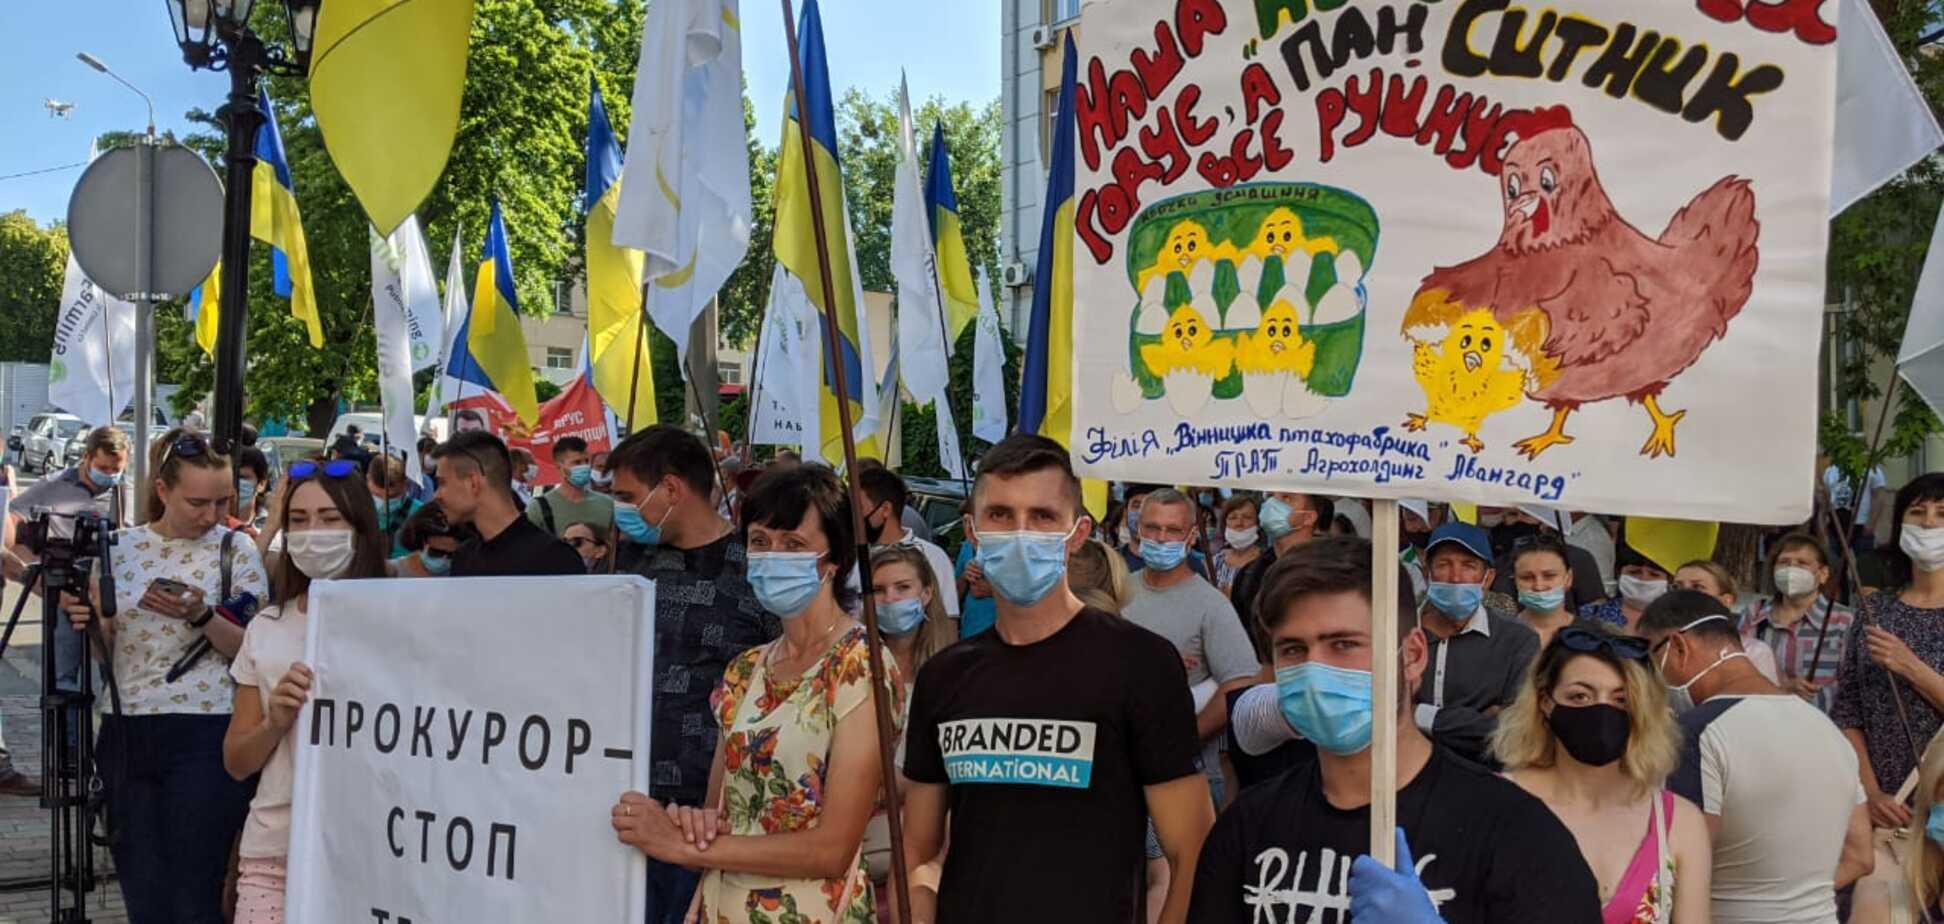 Активисты устроили пикет под САП с требованием остановить 'террор НАБУ'. Фото и видео